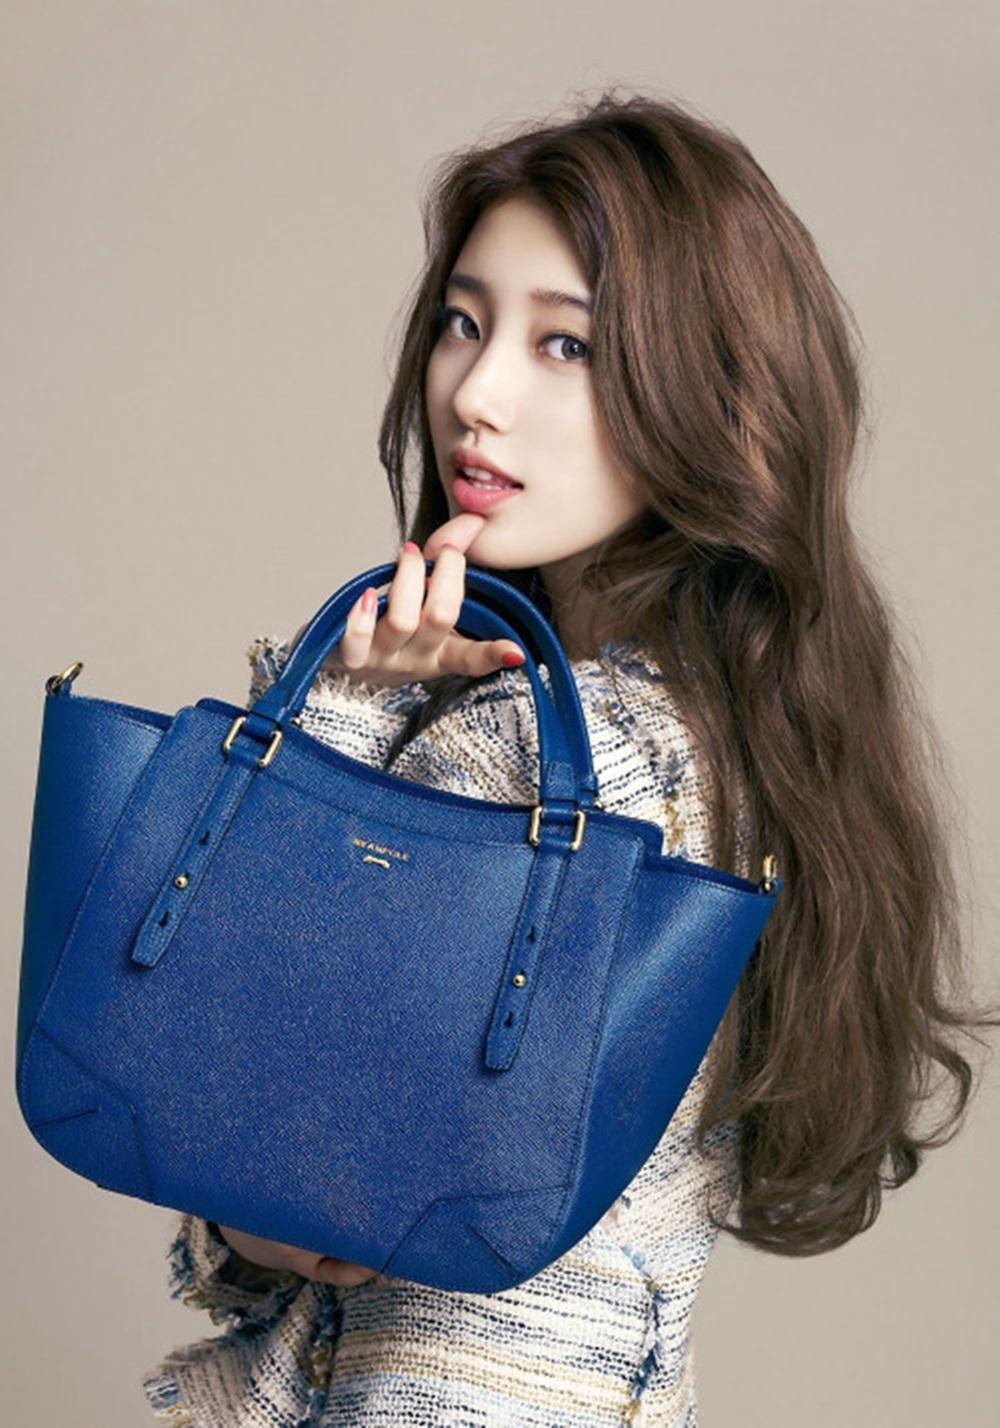 Jeon Ji Hyun, Suzy mê túi xách khổ rộng - 12